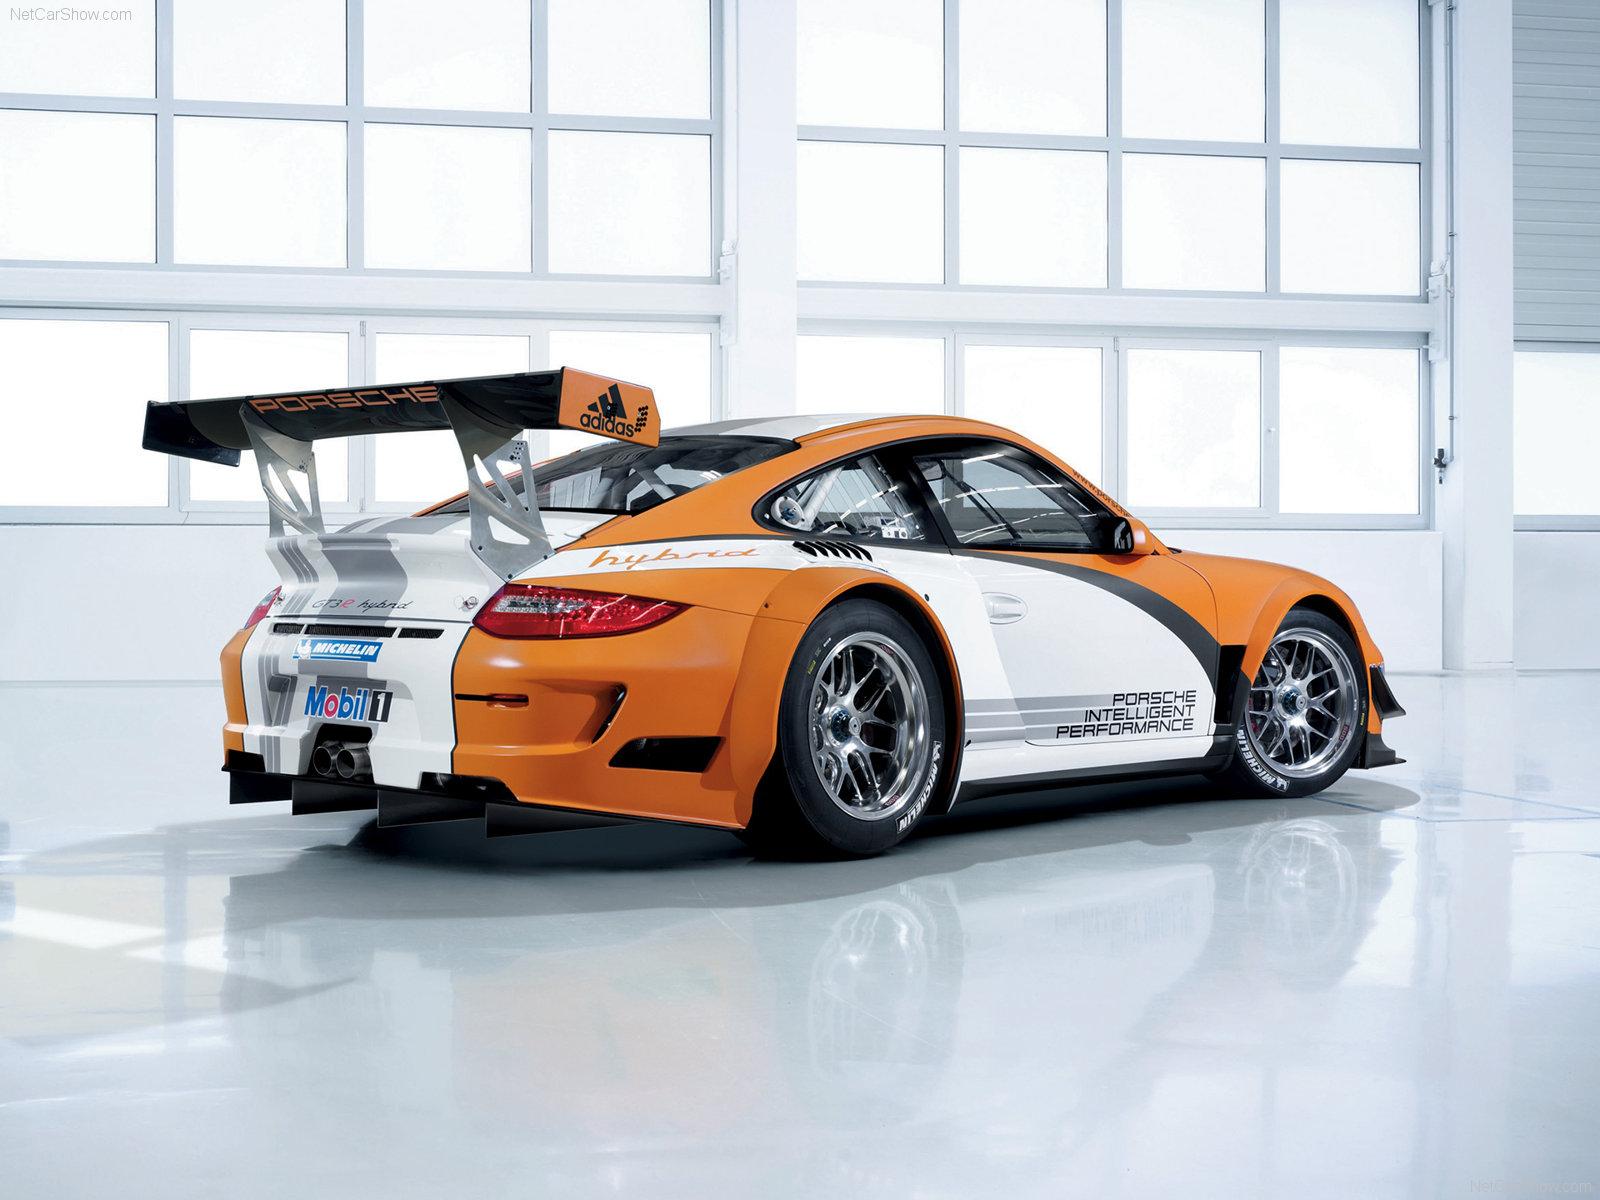 2011 orange porsche 911 gt3 r hybrid wallpapers. Black Bedroom Furniture Sets. Home Design Ideas